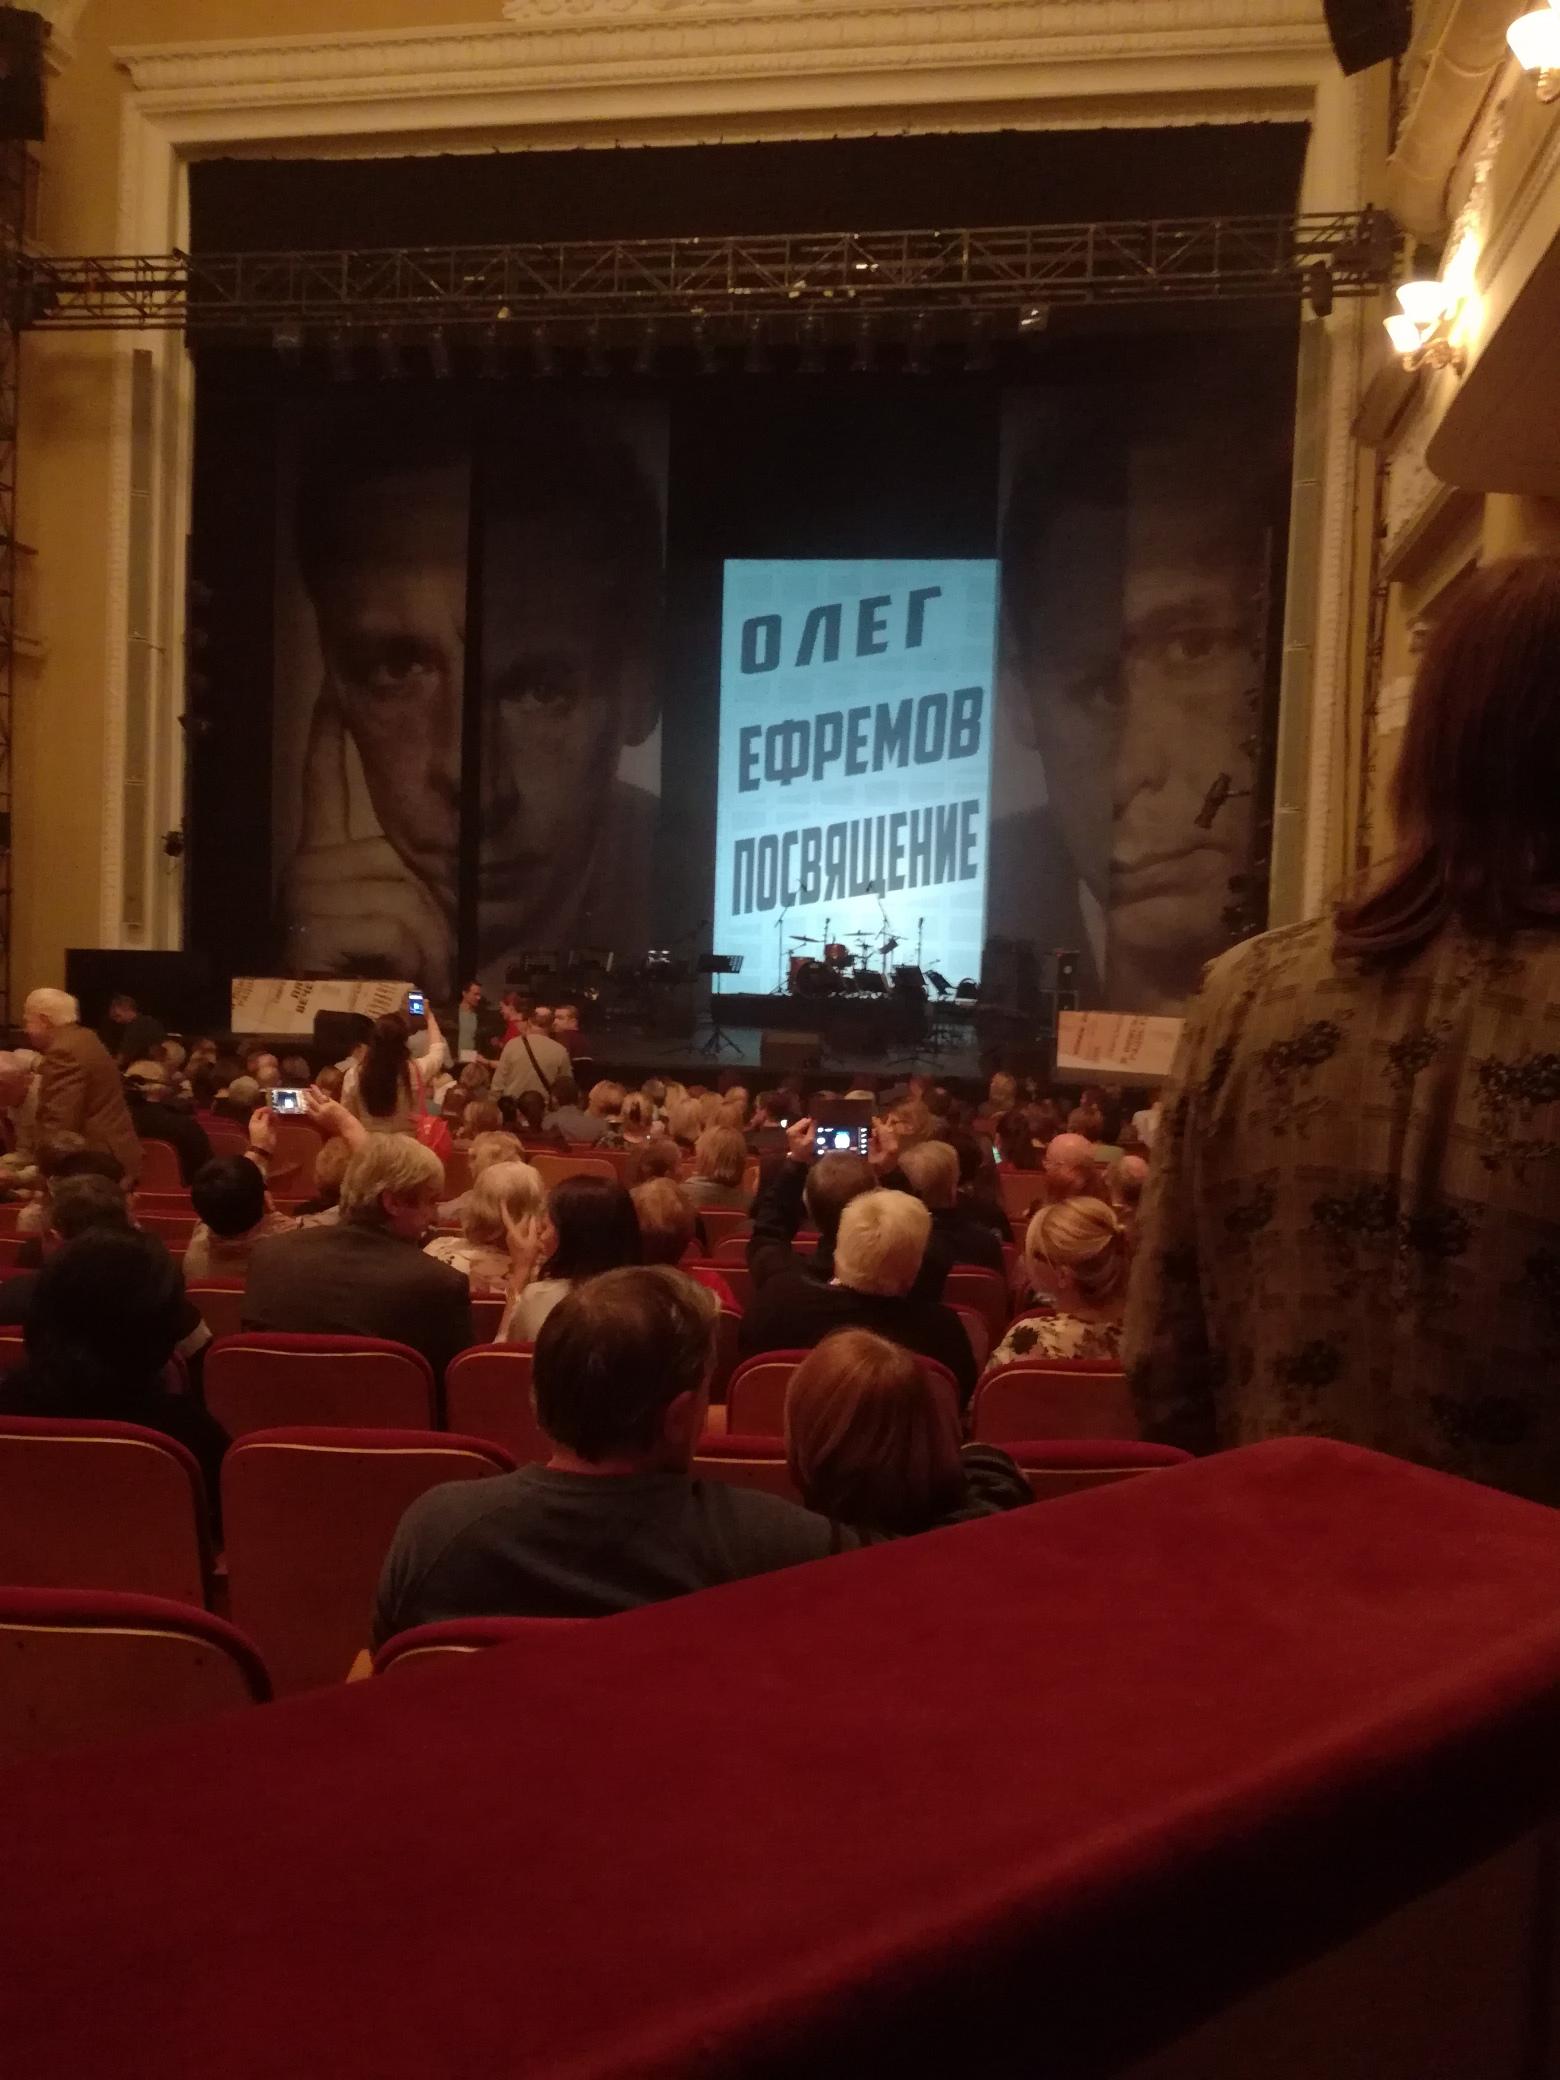 Театр Современник, Дворец на Яузе, вечер посвященный Олегу Ефремову, 27 октября 2017 года.jpg